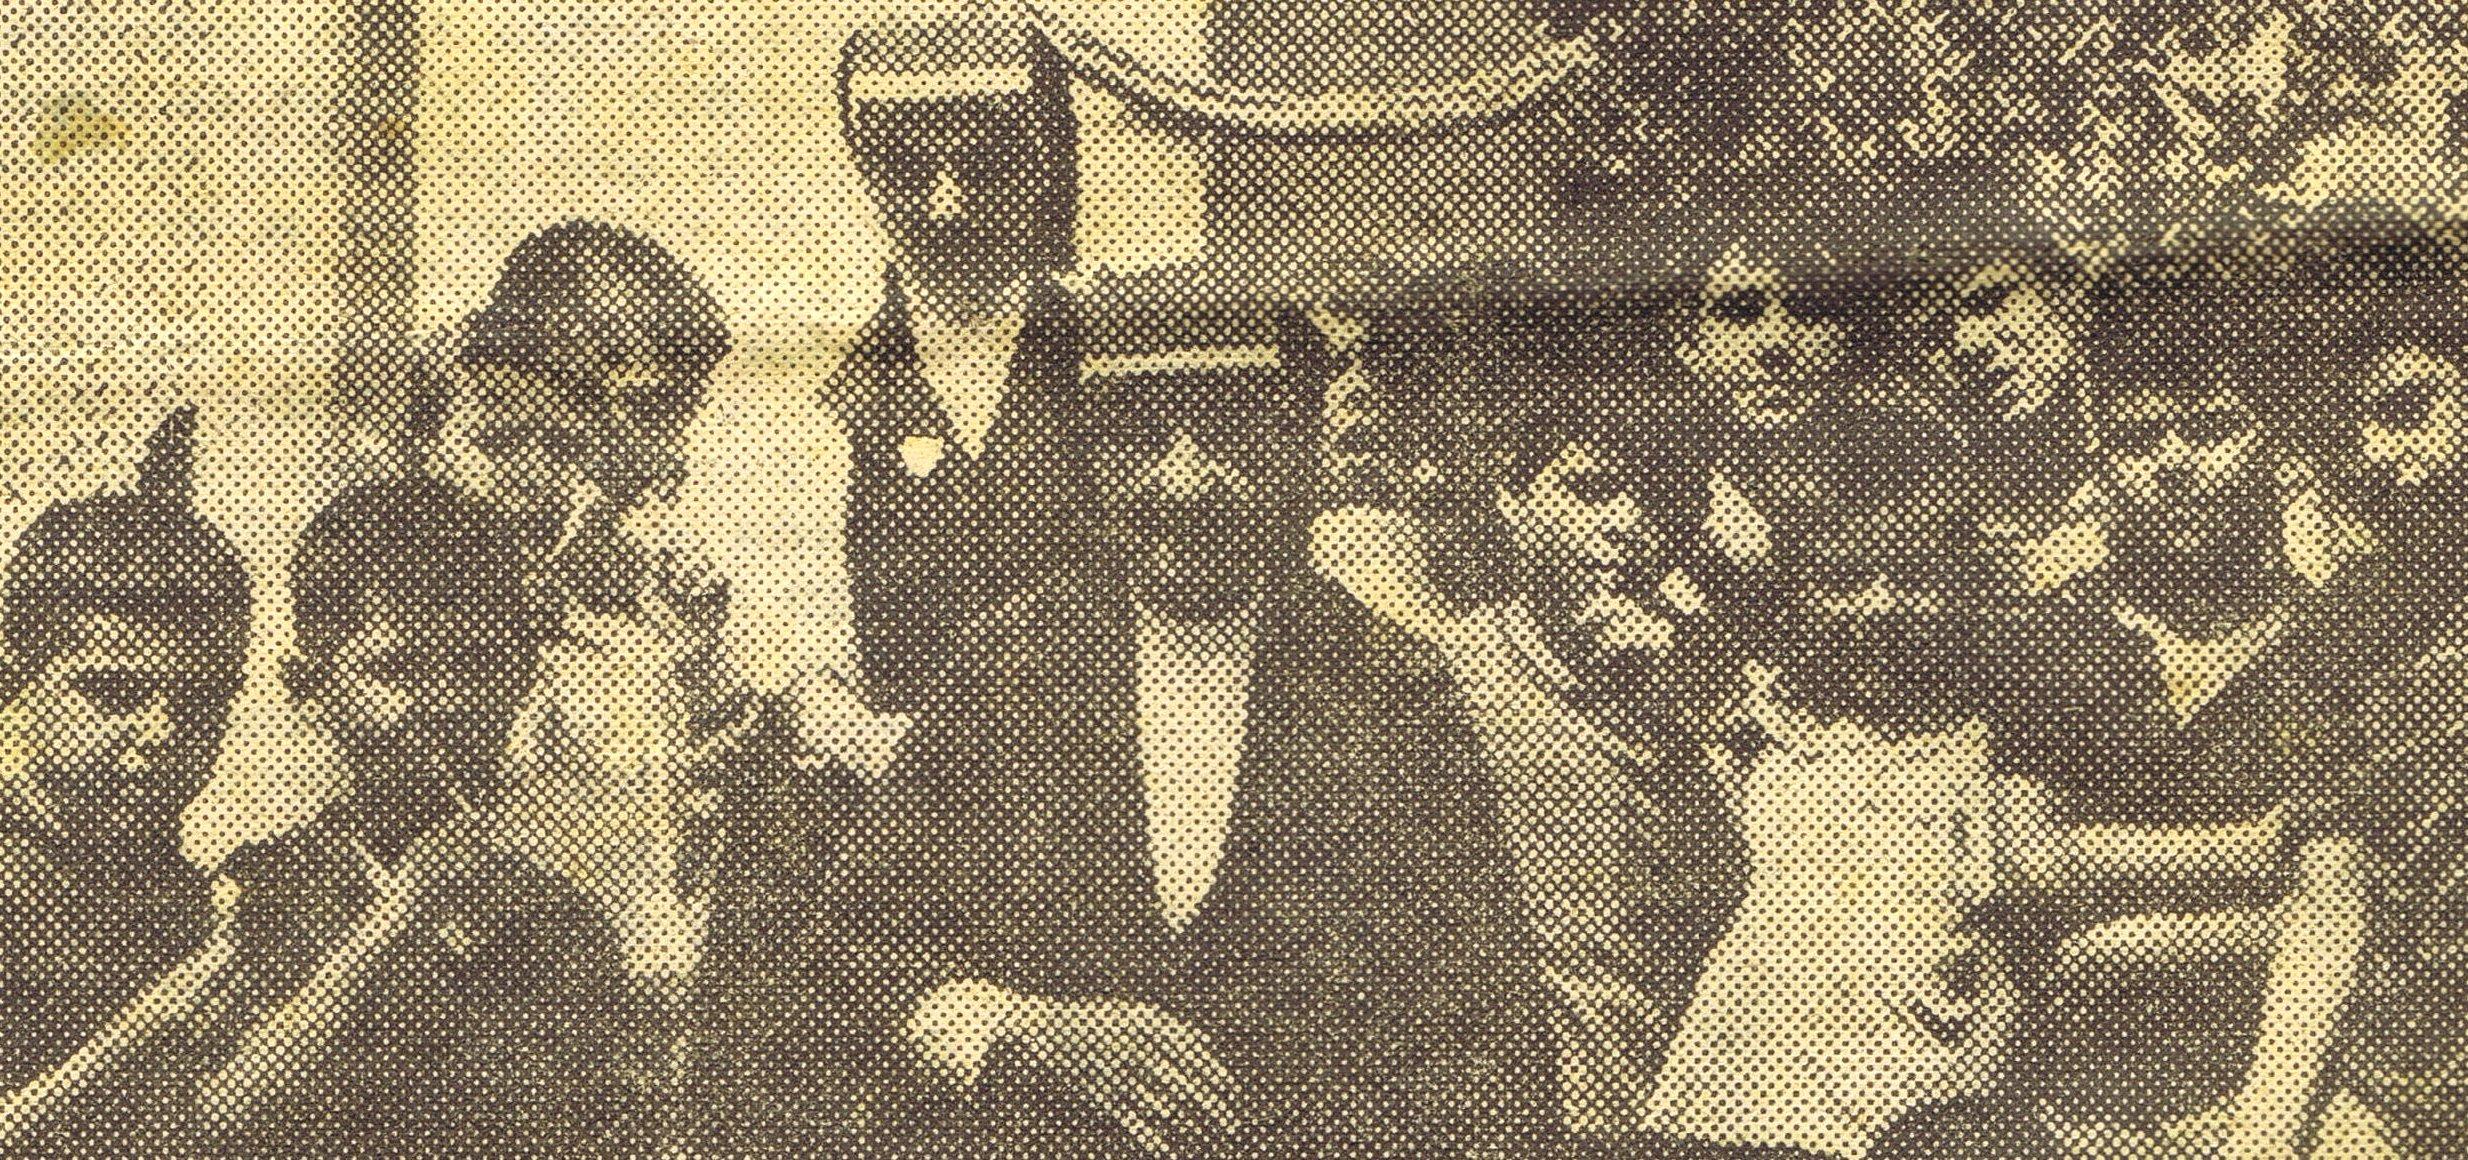 SOR INÉS DE SAN VICENTE DE PAÚL. VERA. 1968